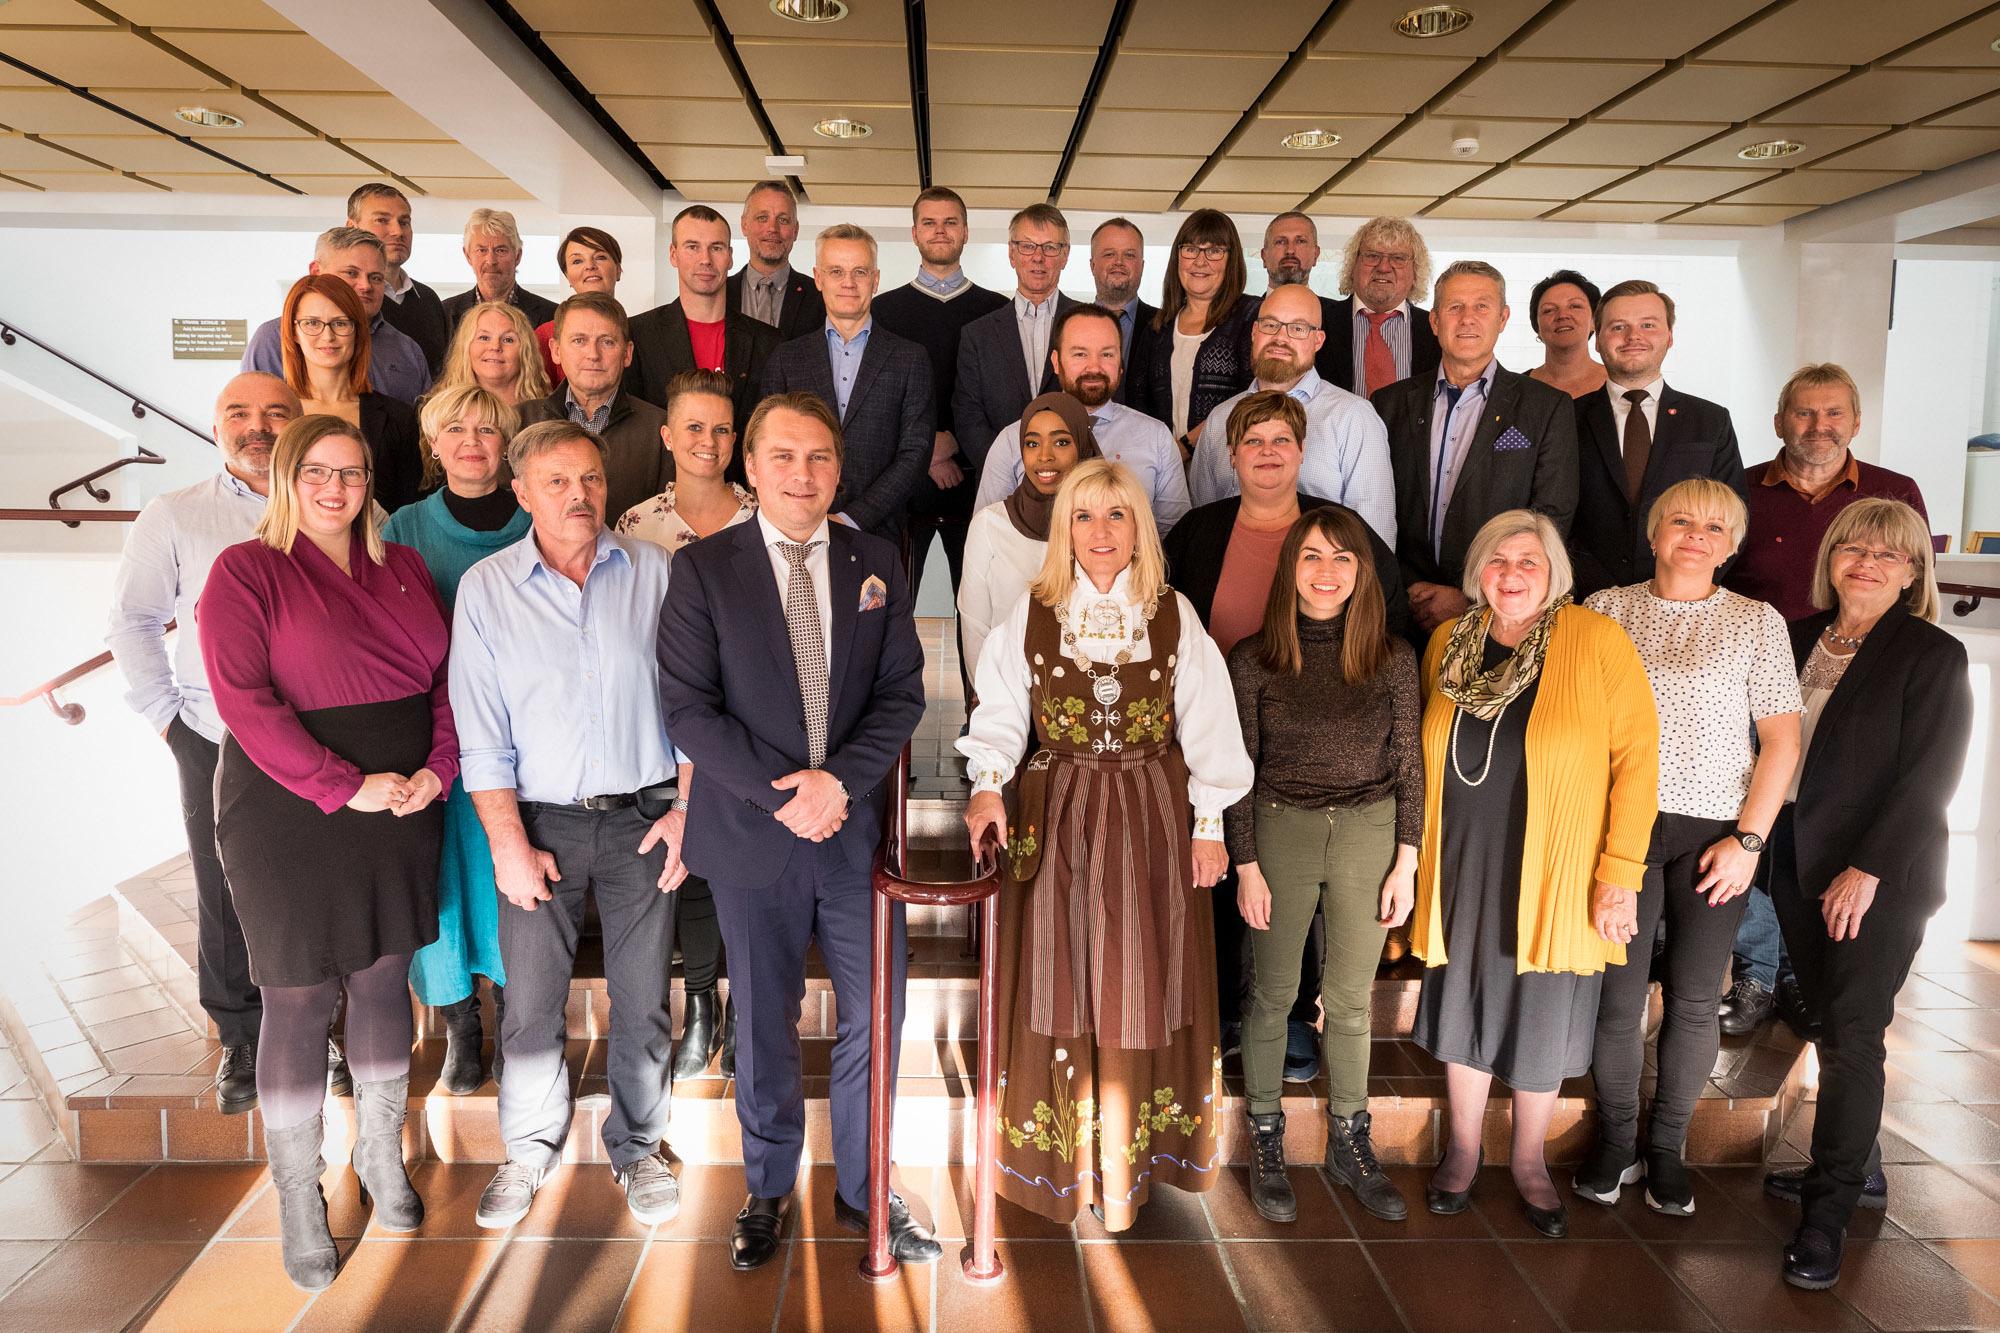 Harstad kommunestyre 2019 - 2023-1.jpg